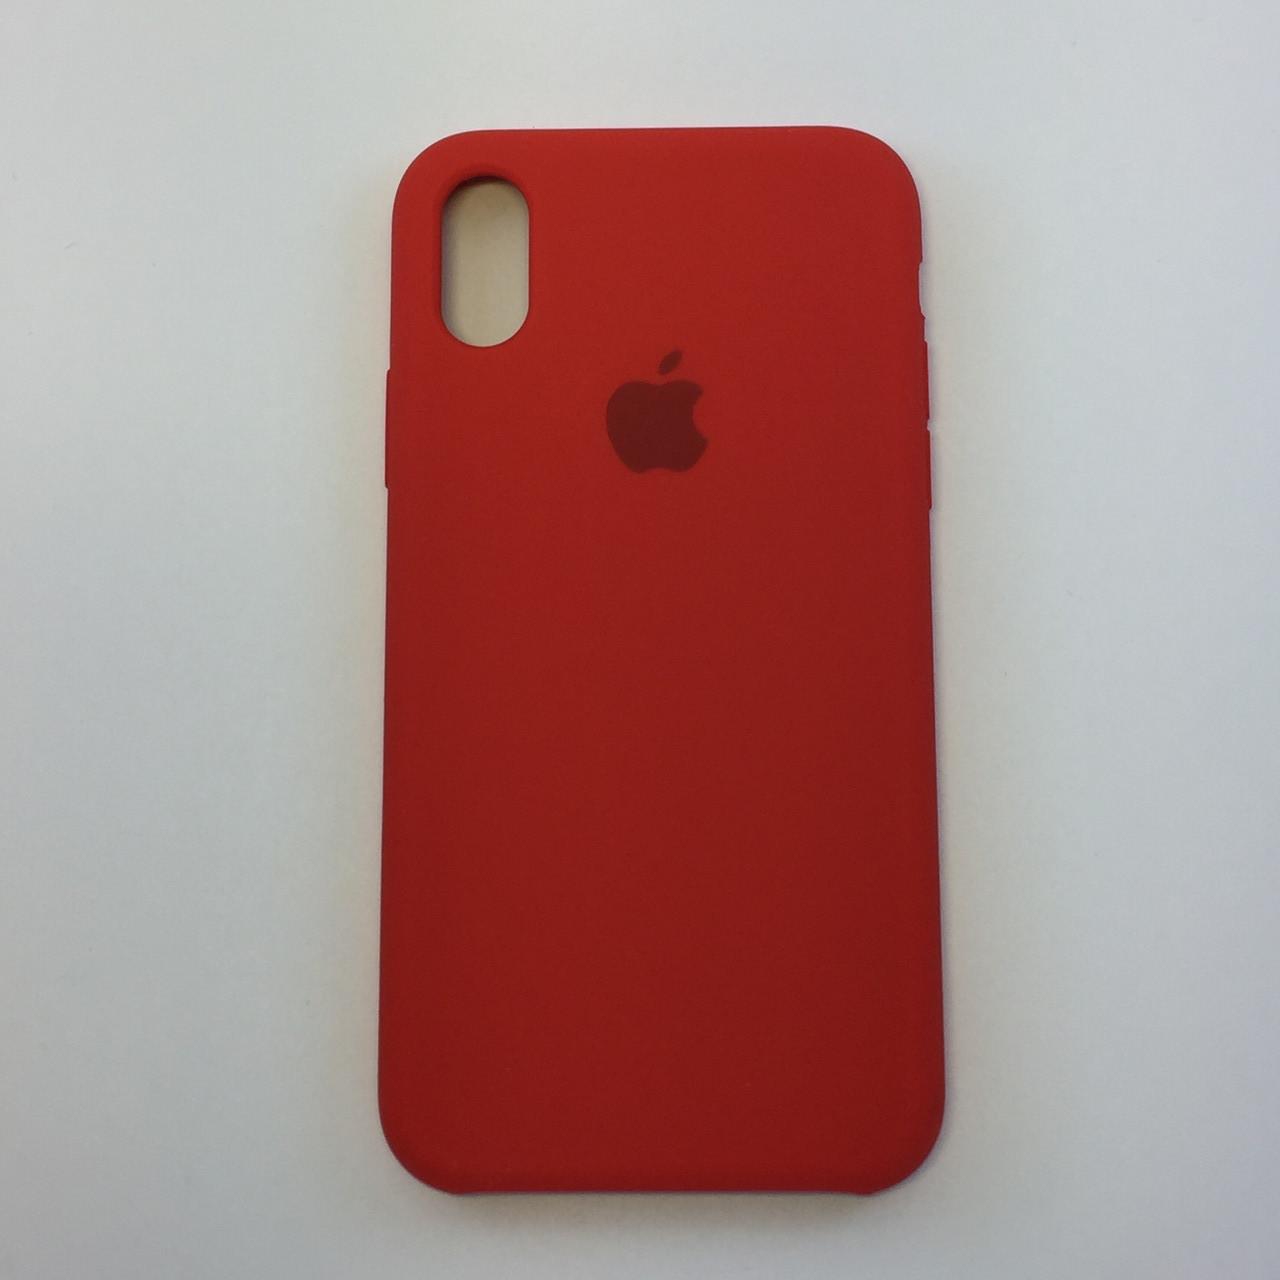 Силиконовый чехол iPhone Xr, темно терракотовый, copy original